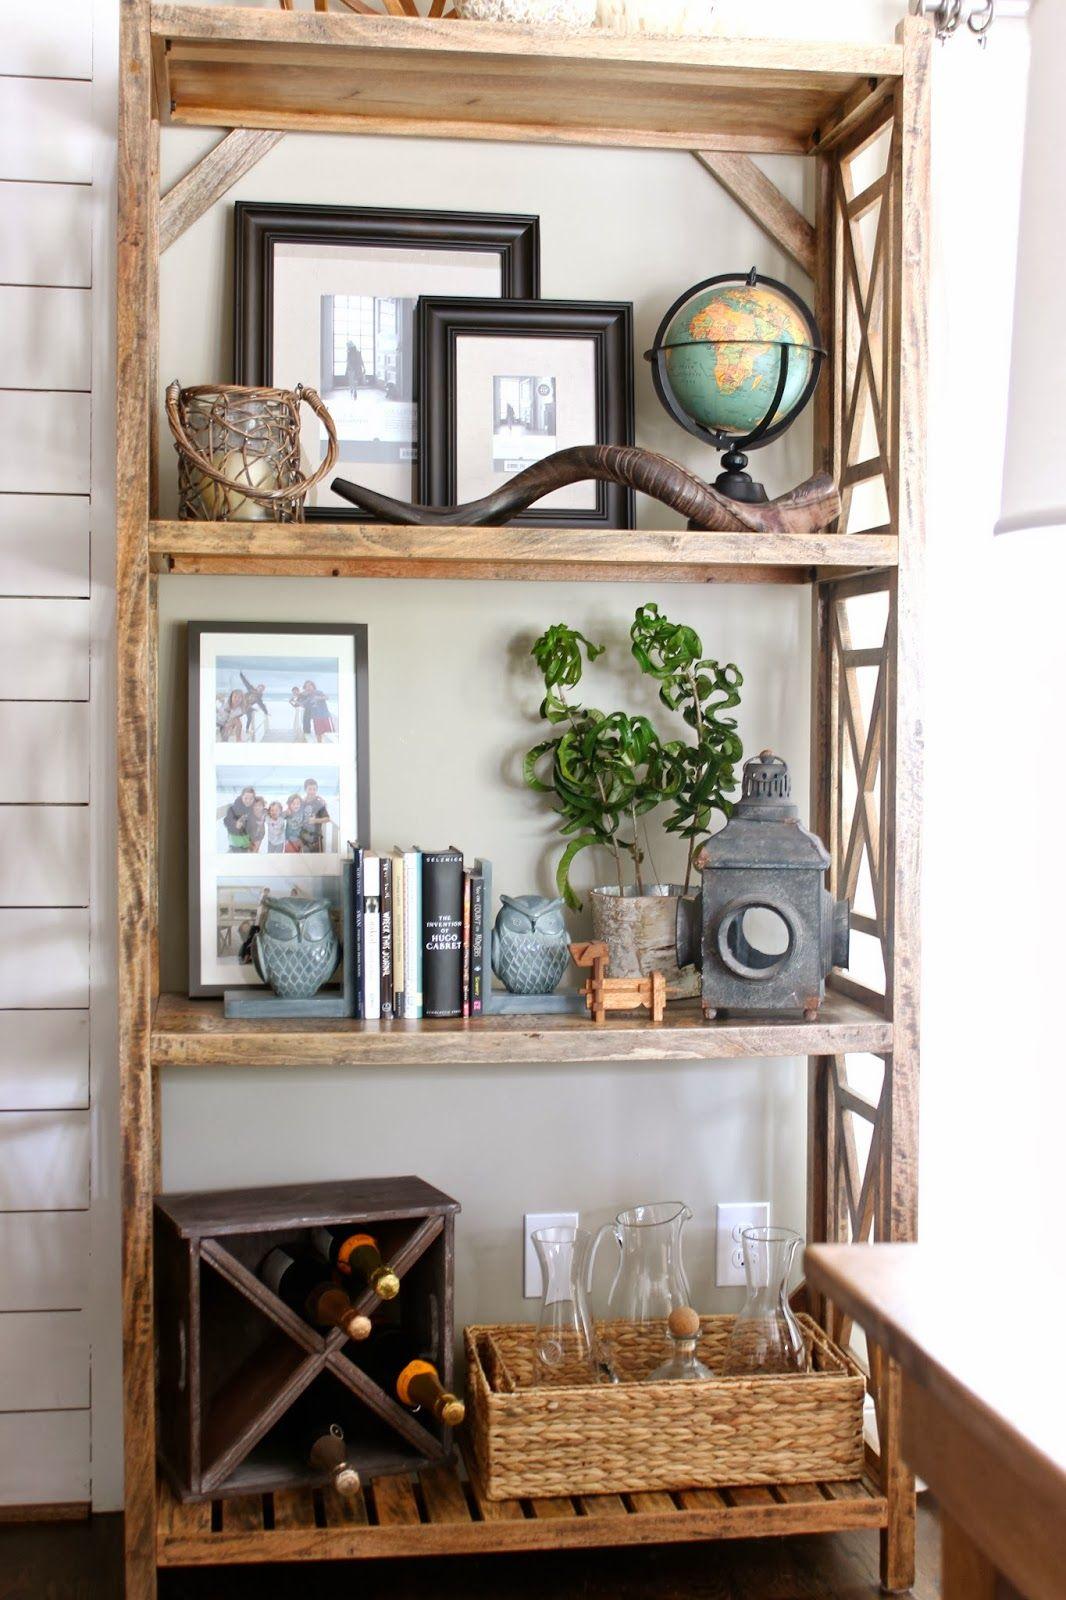 15+ Living room bookshelf decor ideas